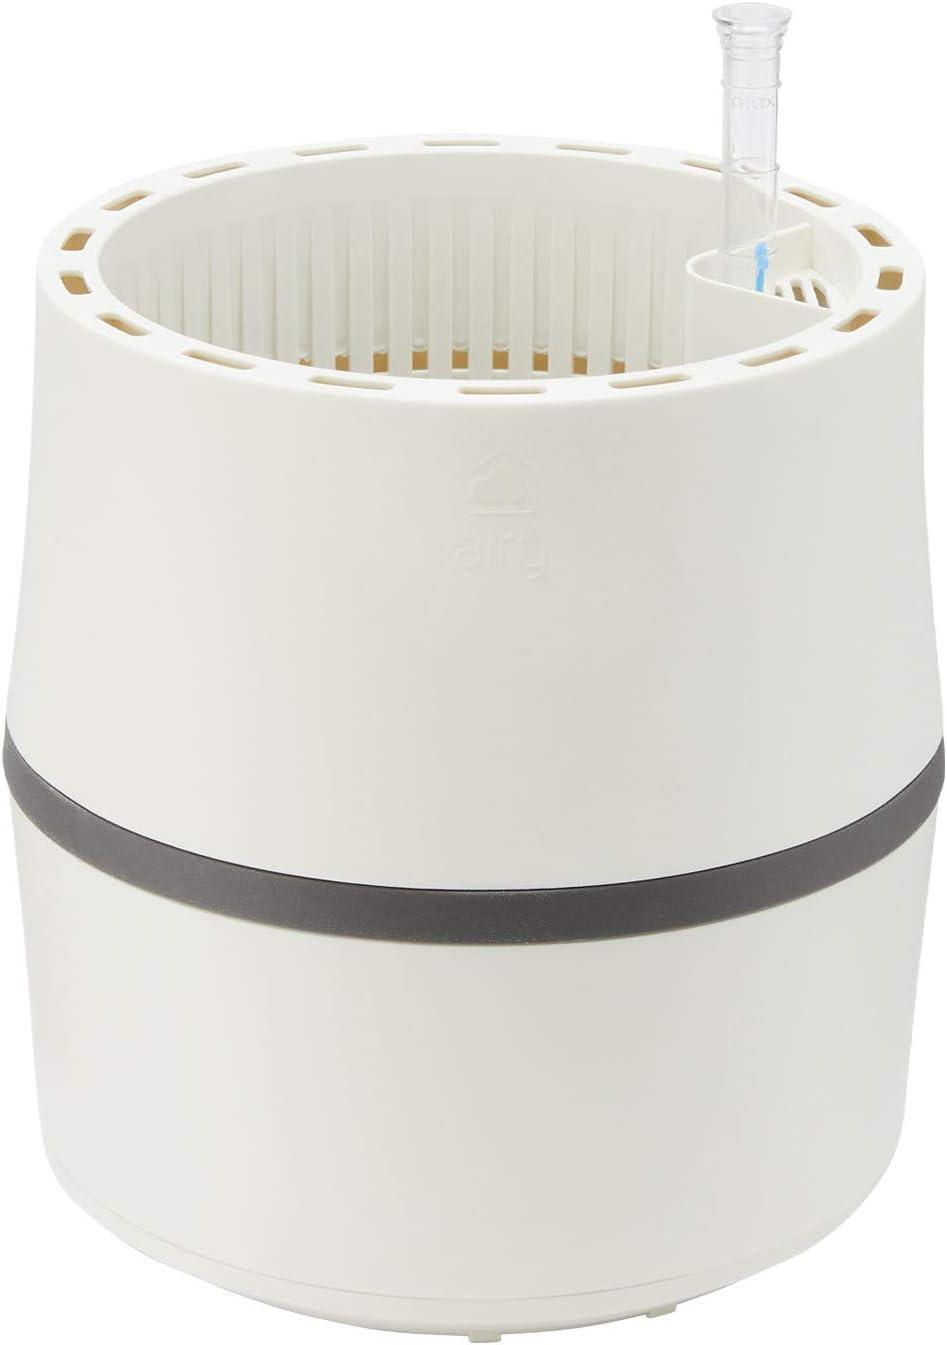 AIRY Sistema S (Ø 22 cm) – Sistema patentado con la fuerza de las plantas como purificador de aire natural y humidificador para interiores (Snow White/Stone Grey)